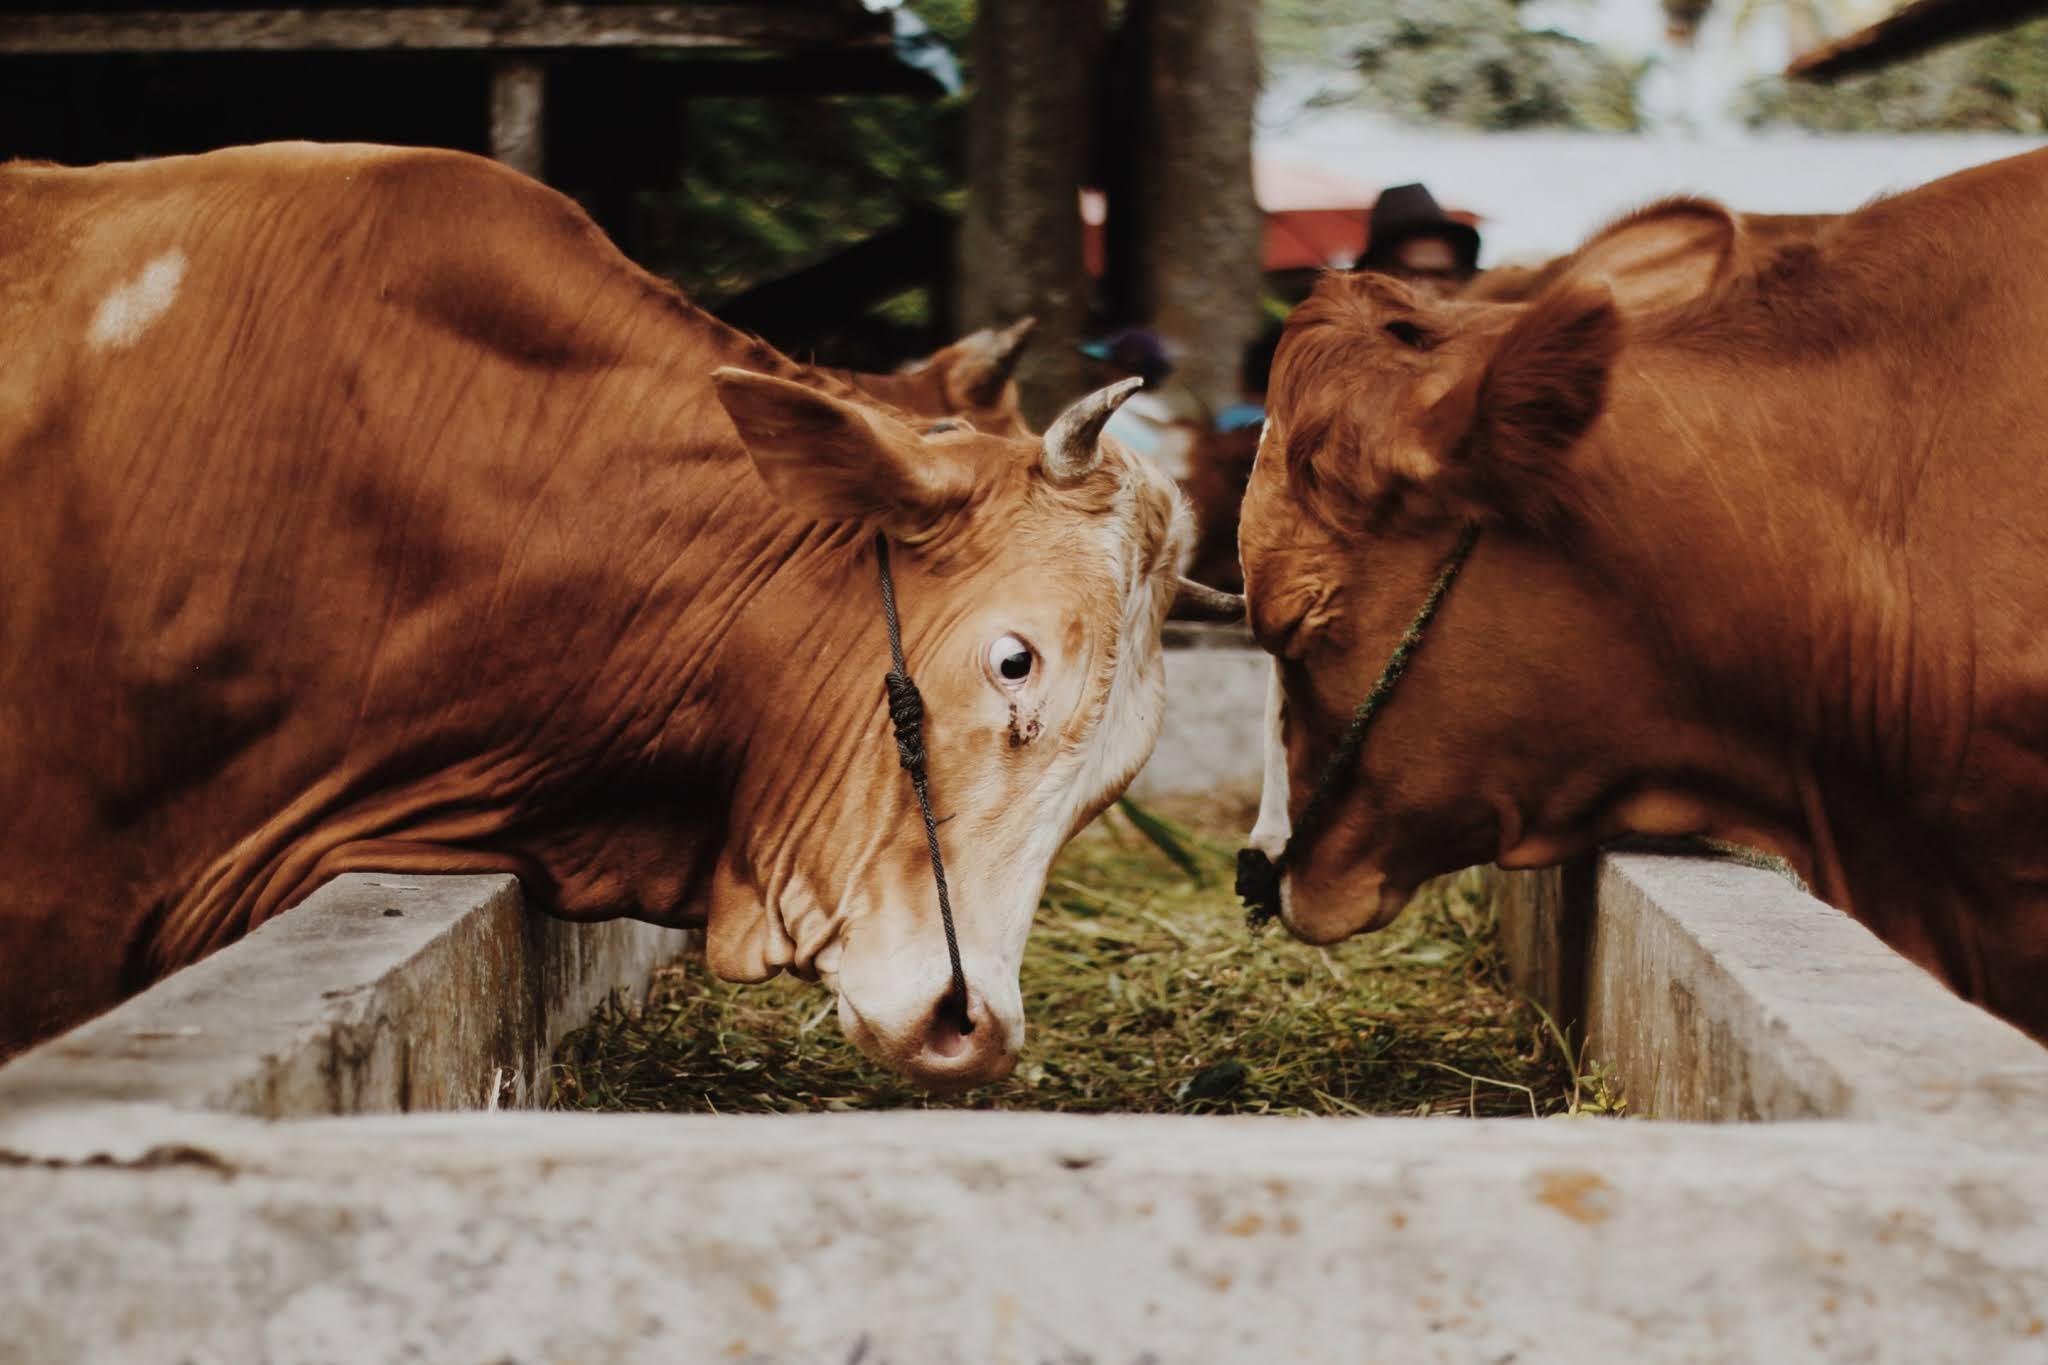 Cow's-Behavior